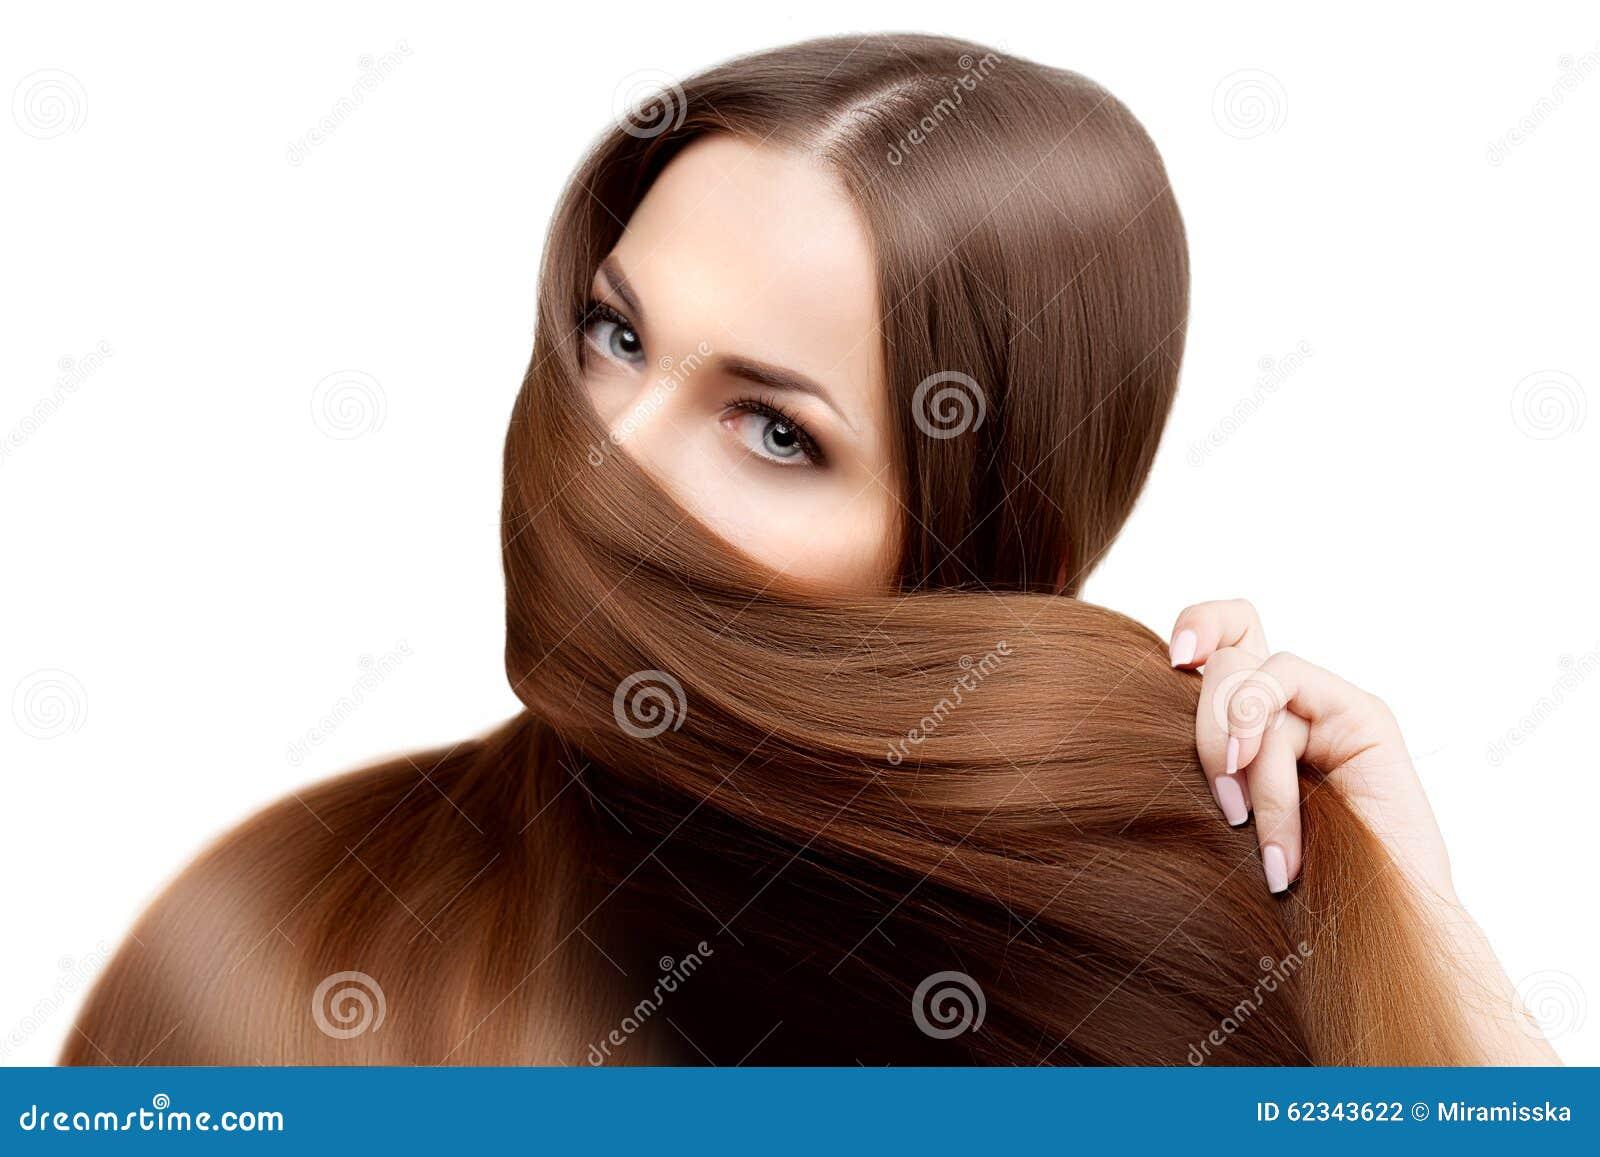 Długie Włosy Fryzury Włosiany Salon Moda Model Z Błyszczącym